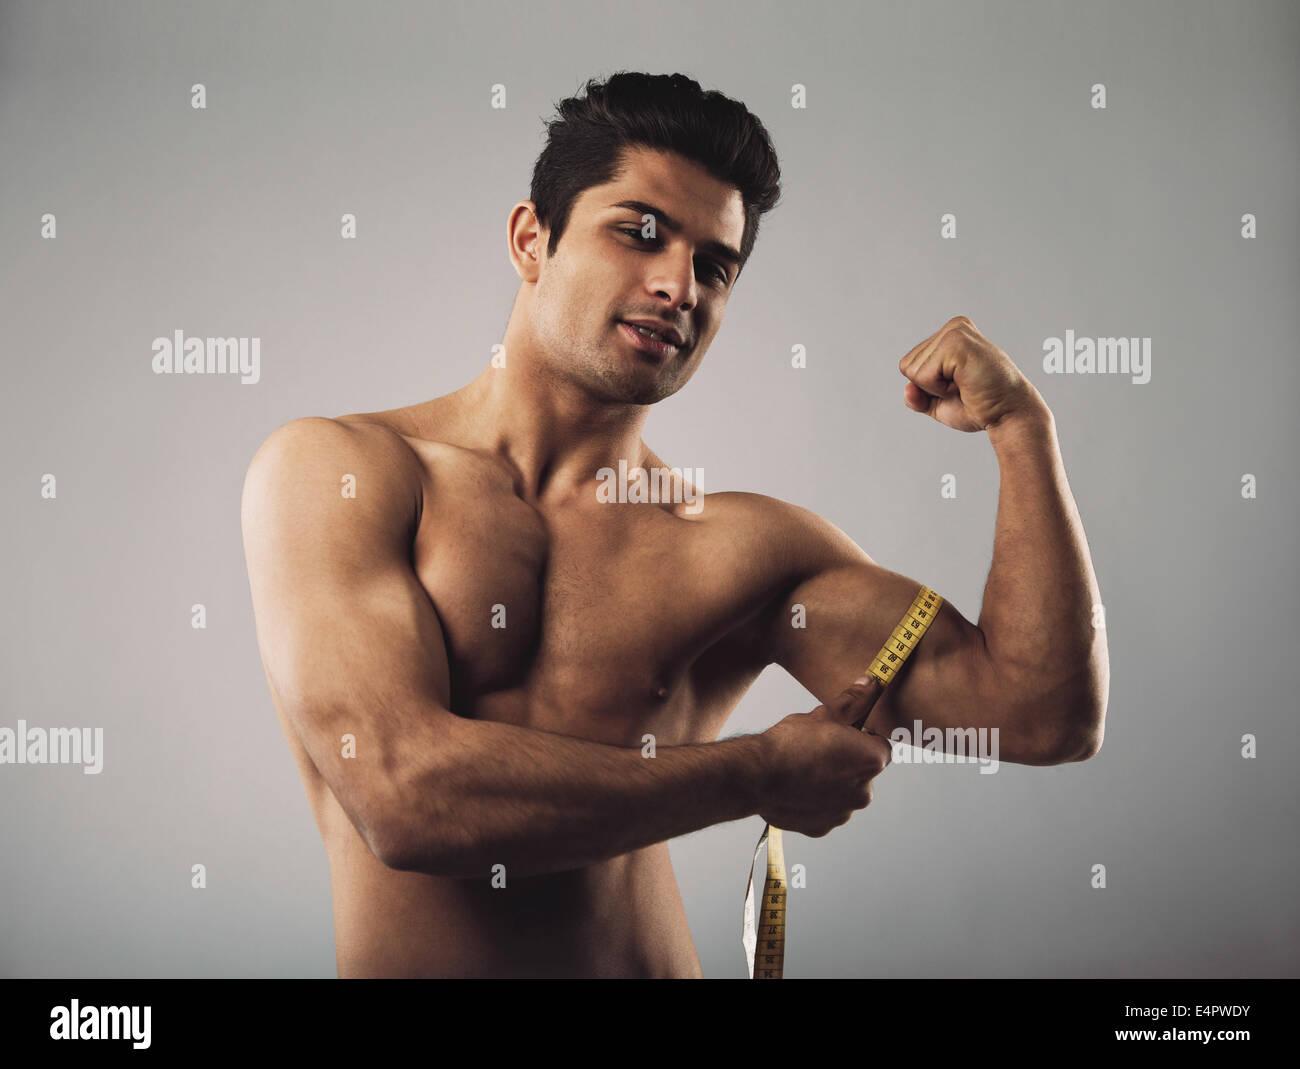 Colocar el modelo masculino hispano midiendo su cuerpo. Macho joven masculino bíceps de medición con cinta métrica Foto de stock